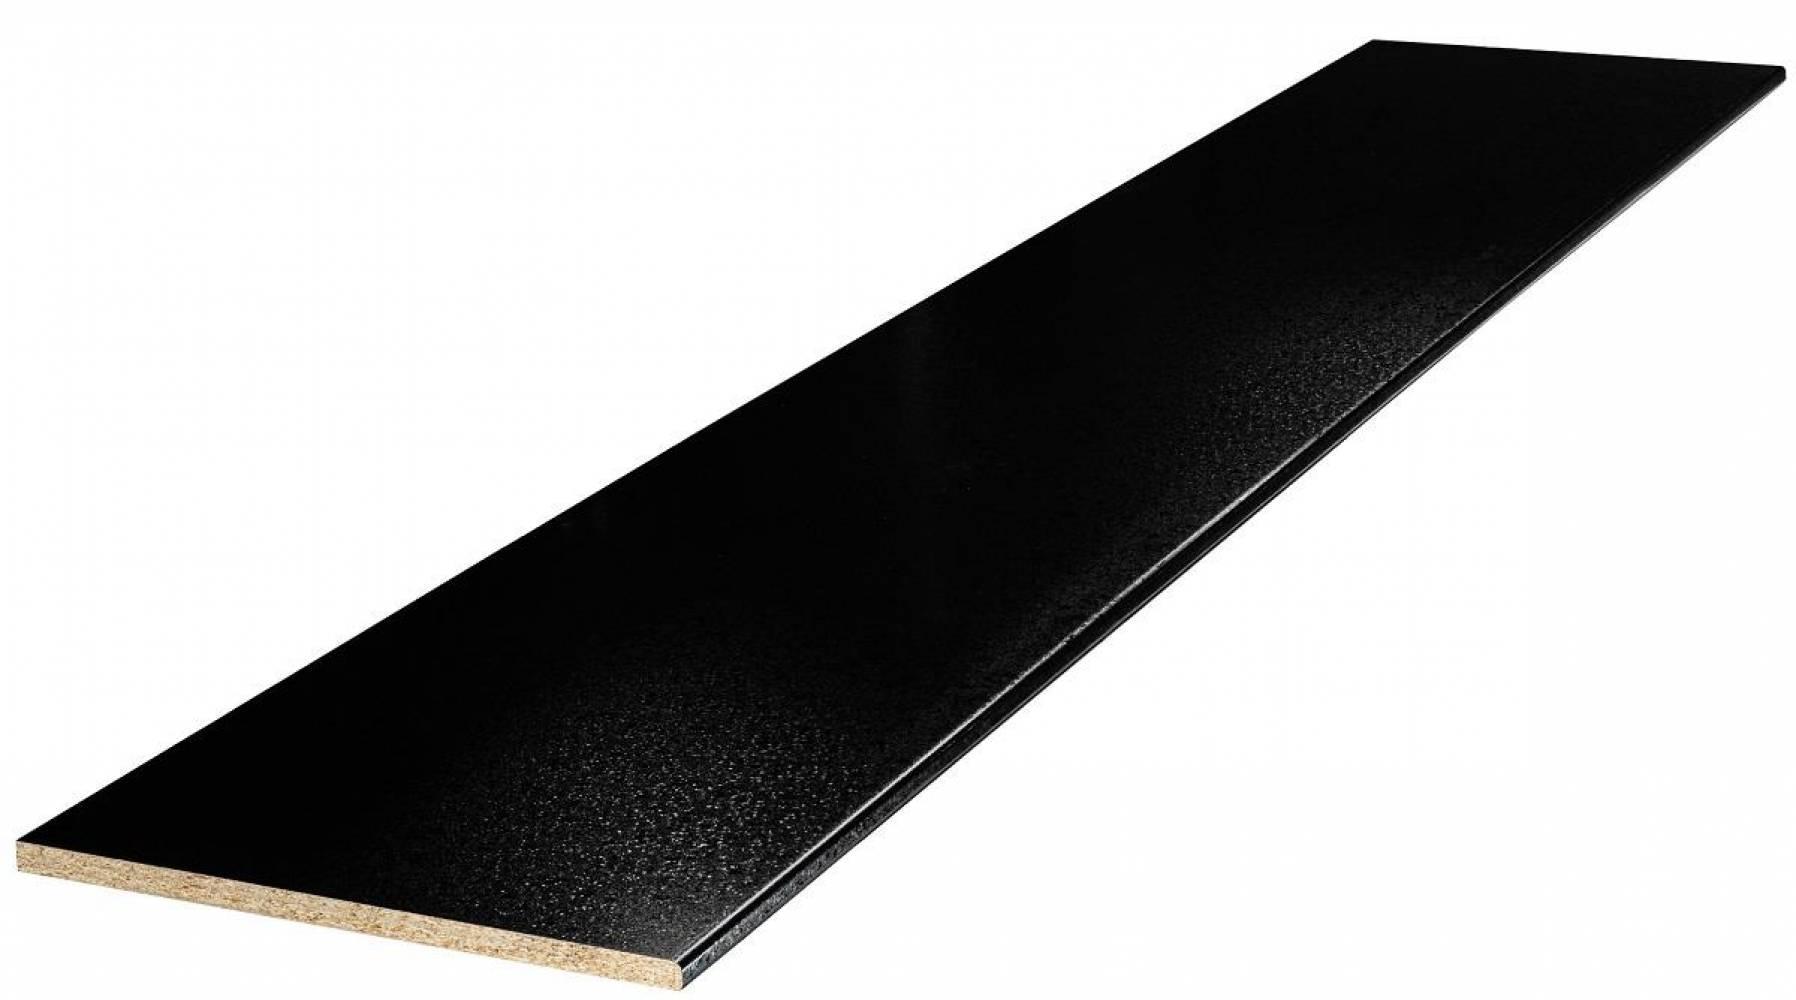 Столешница № 62 Черный королевский жемчуг 26 мм Матовая Скиф, цена  за пог/метр